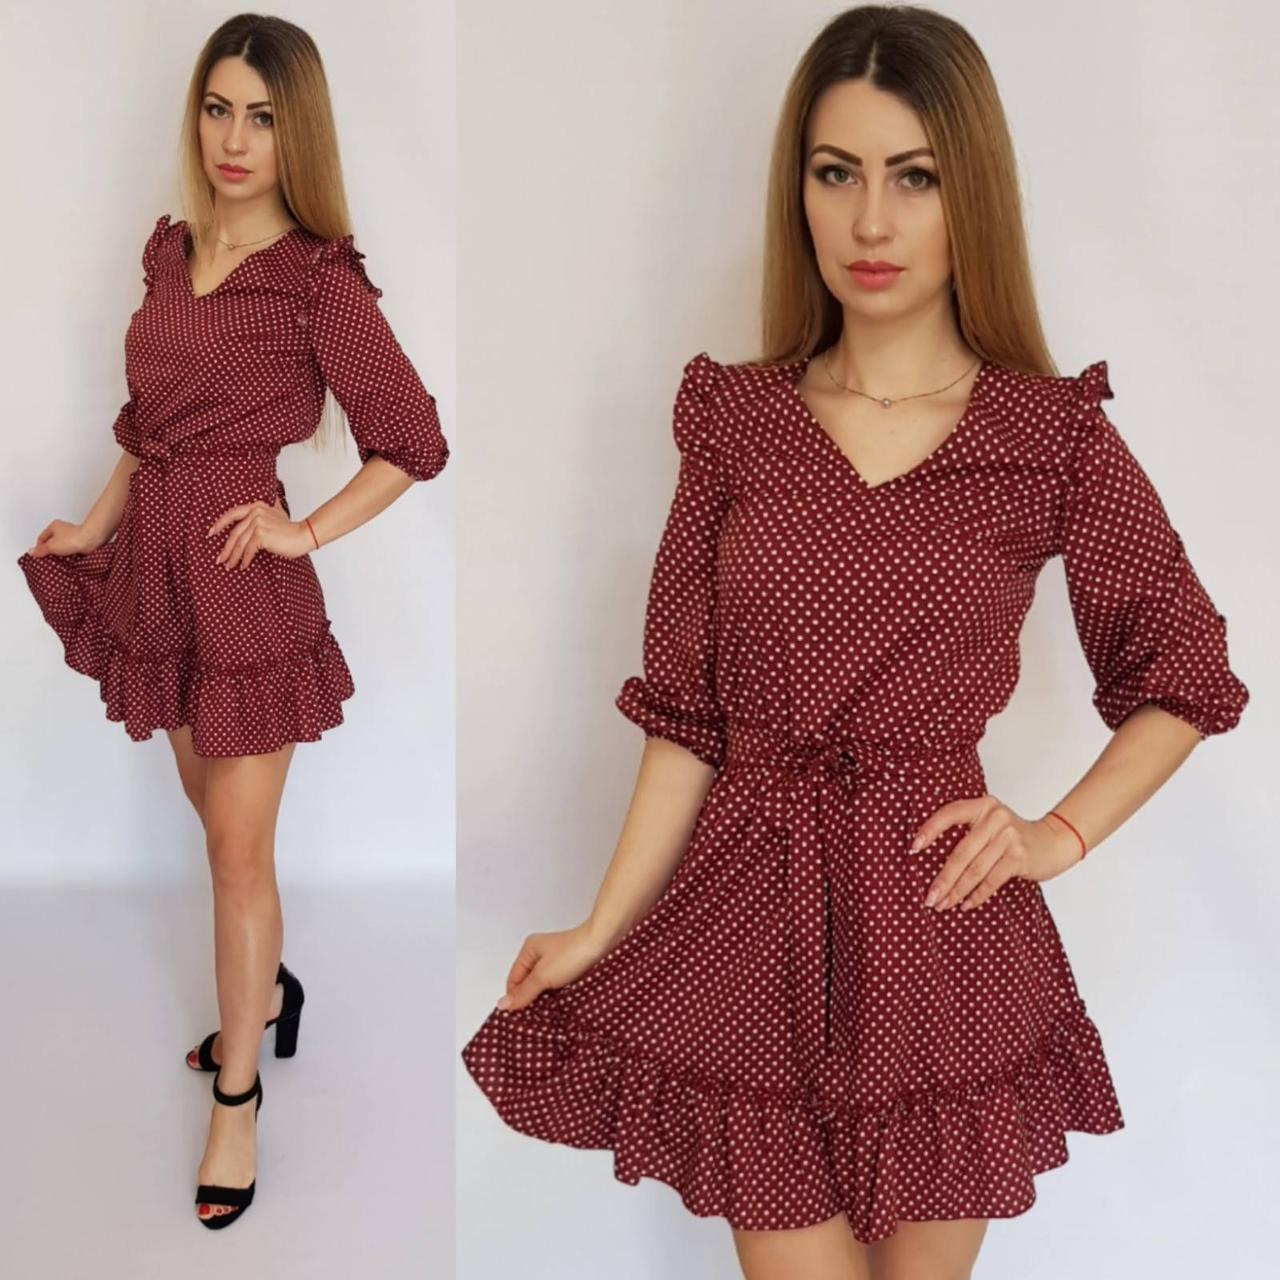 Платье короткое с рюшами в горох бордо, 192